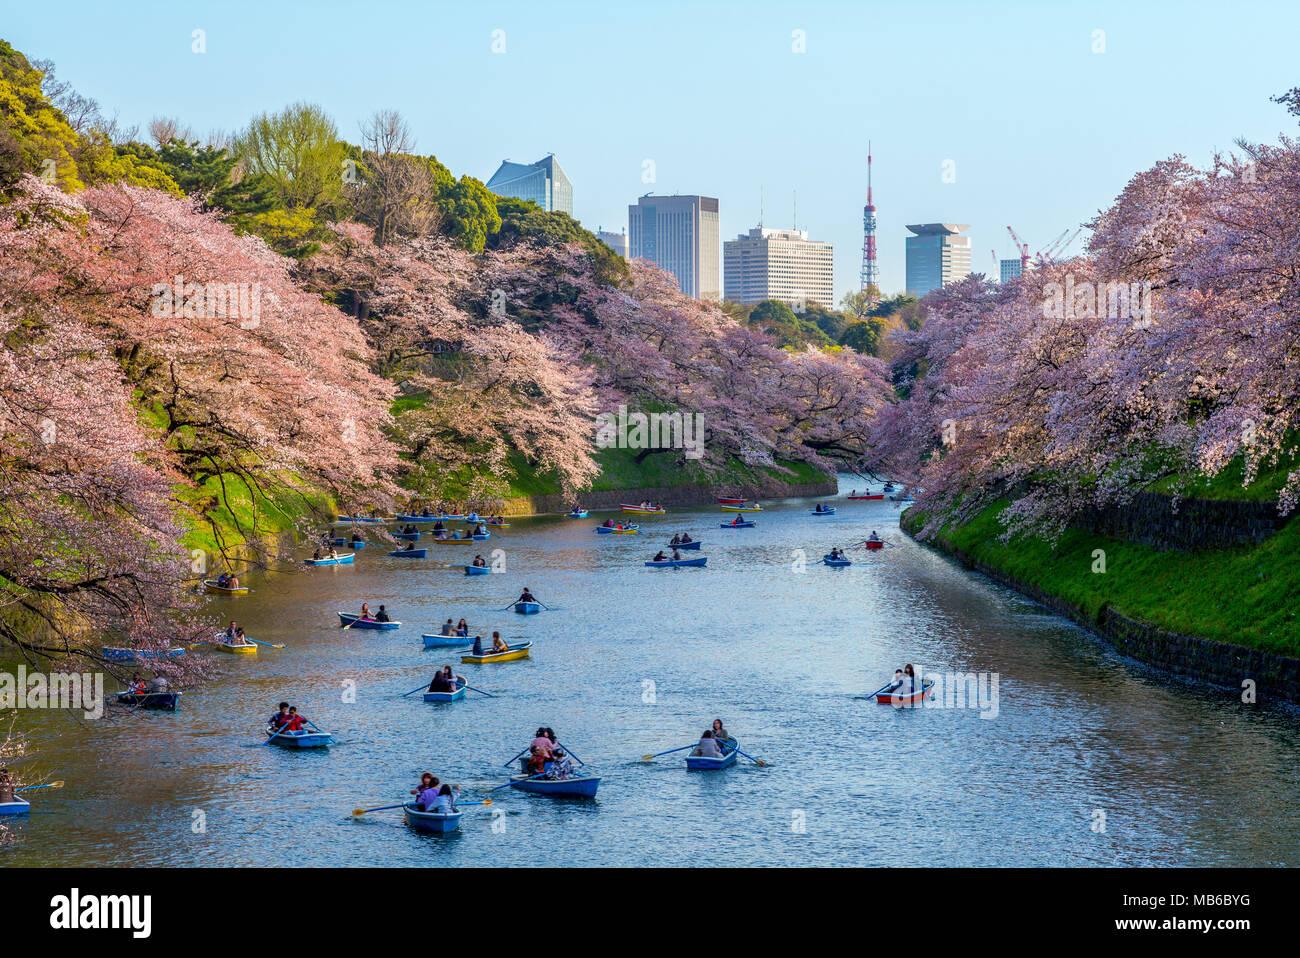 Fiore di Ciliegio a chidori ga fuchi, Tokyo, Giappone Immagini Stock